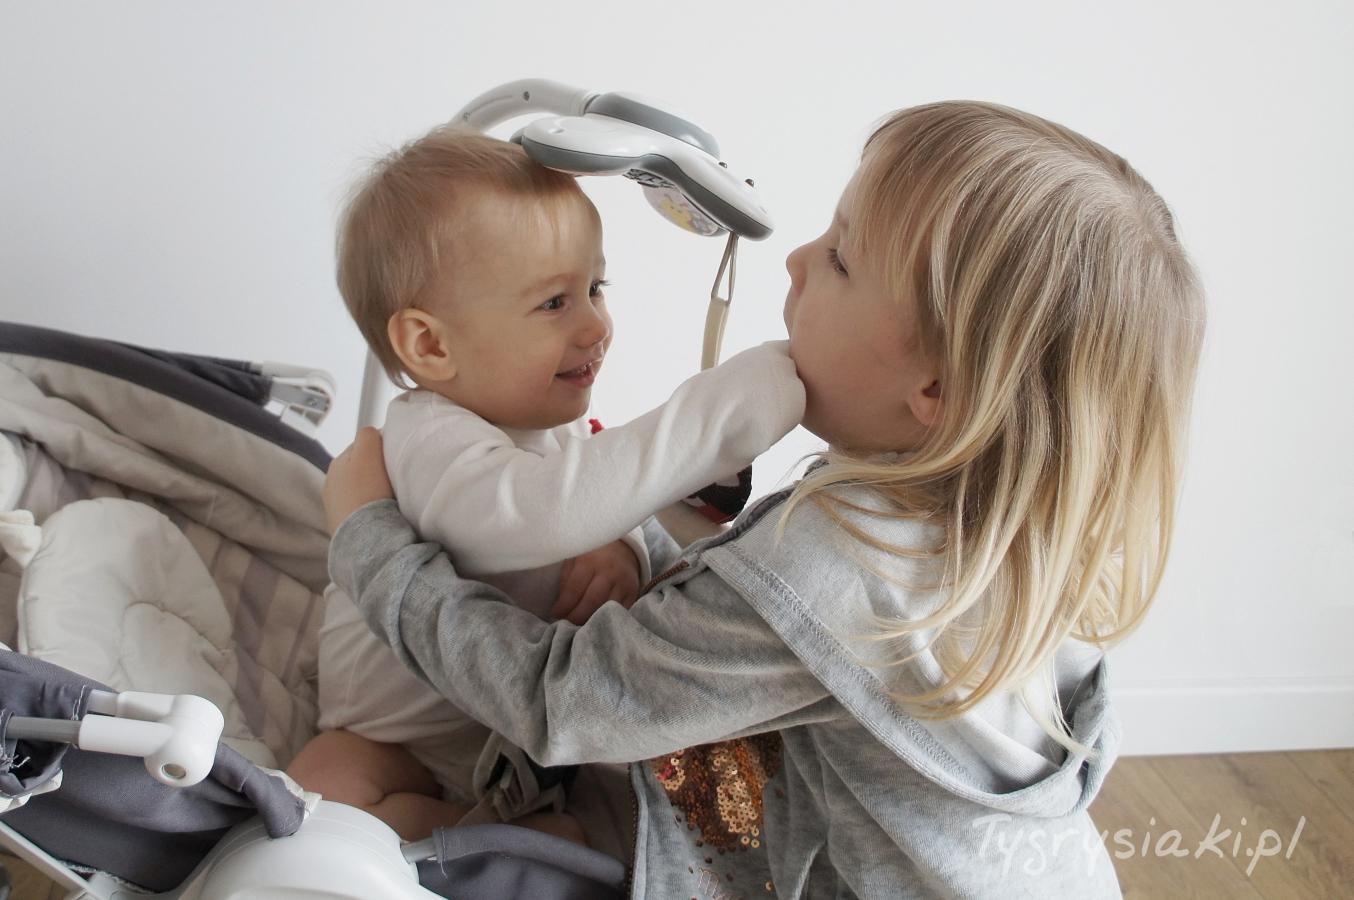 dziewczynka-przytula-mlodsza-siostre